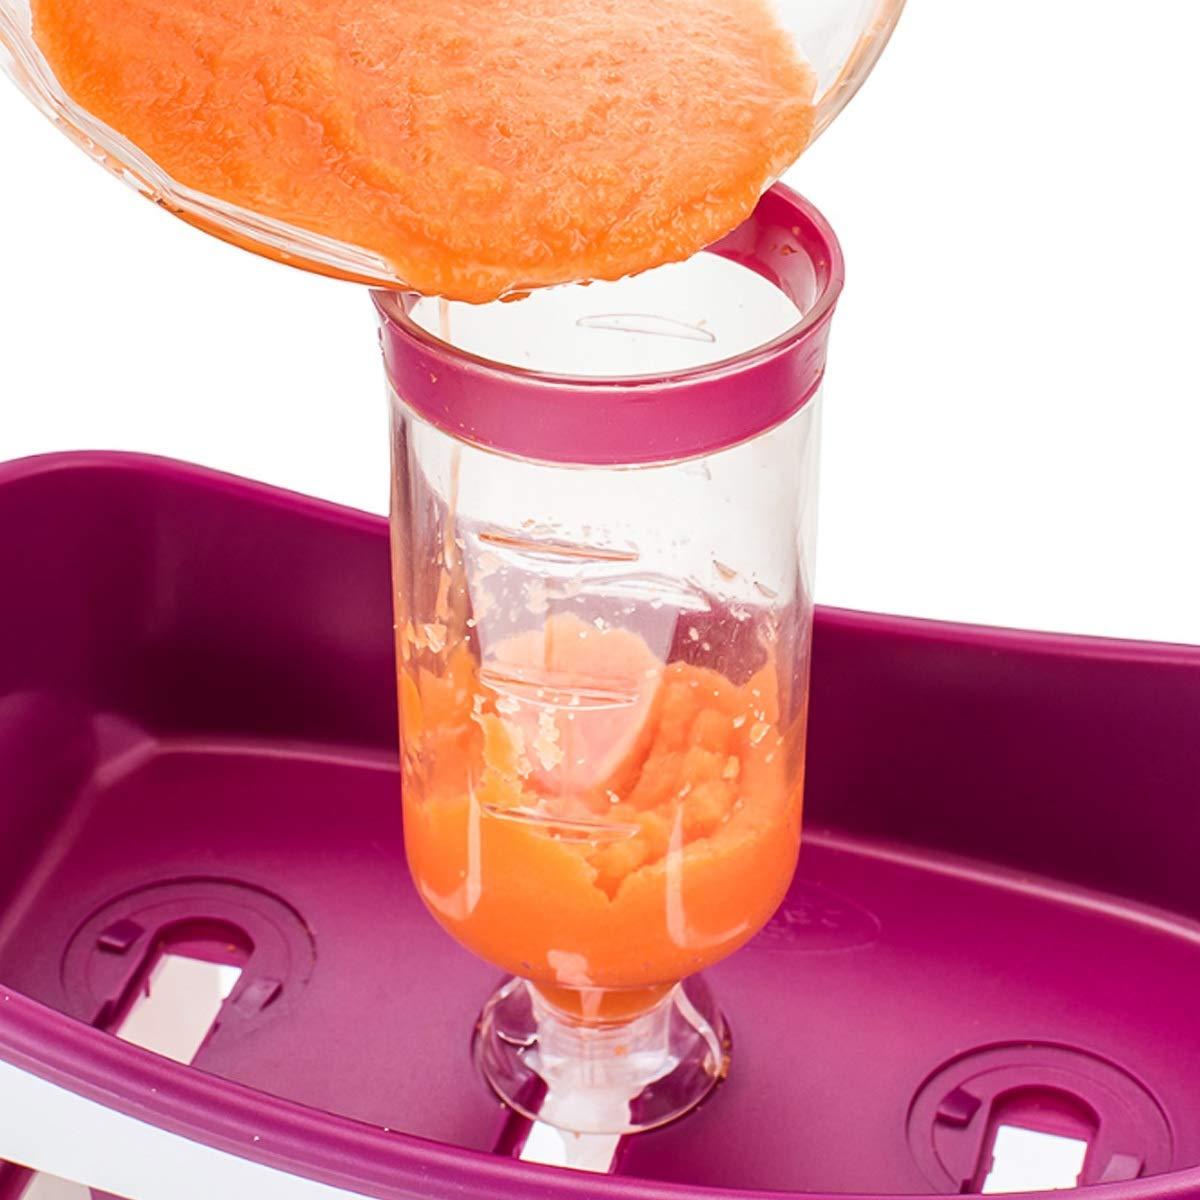 Estaci/ón de exprimido de jugos de Frutas Frescas Hechas en casa de Topsale-ycld Fabricante de Alimentos Infantiles para beb/és con Bolsas de Almacenamiento